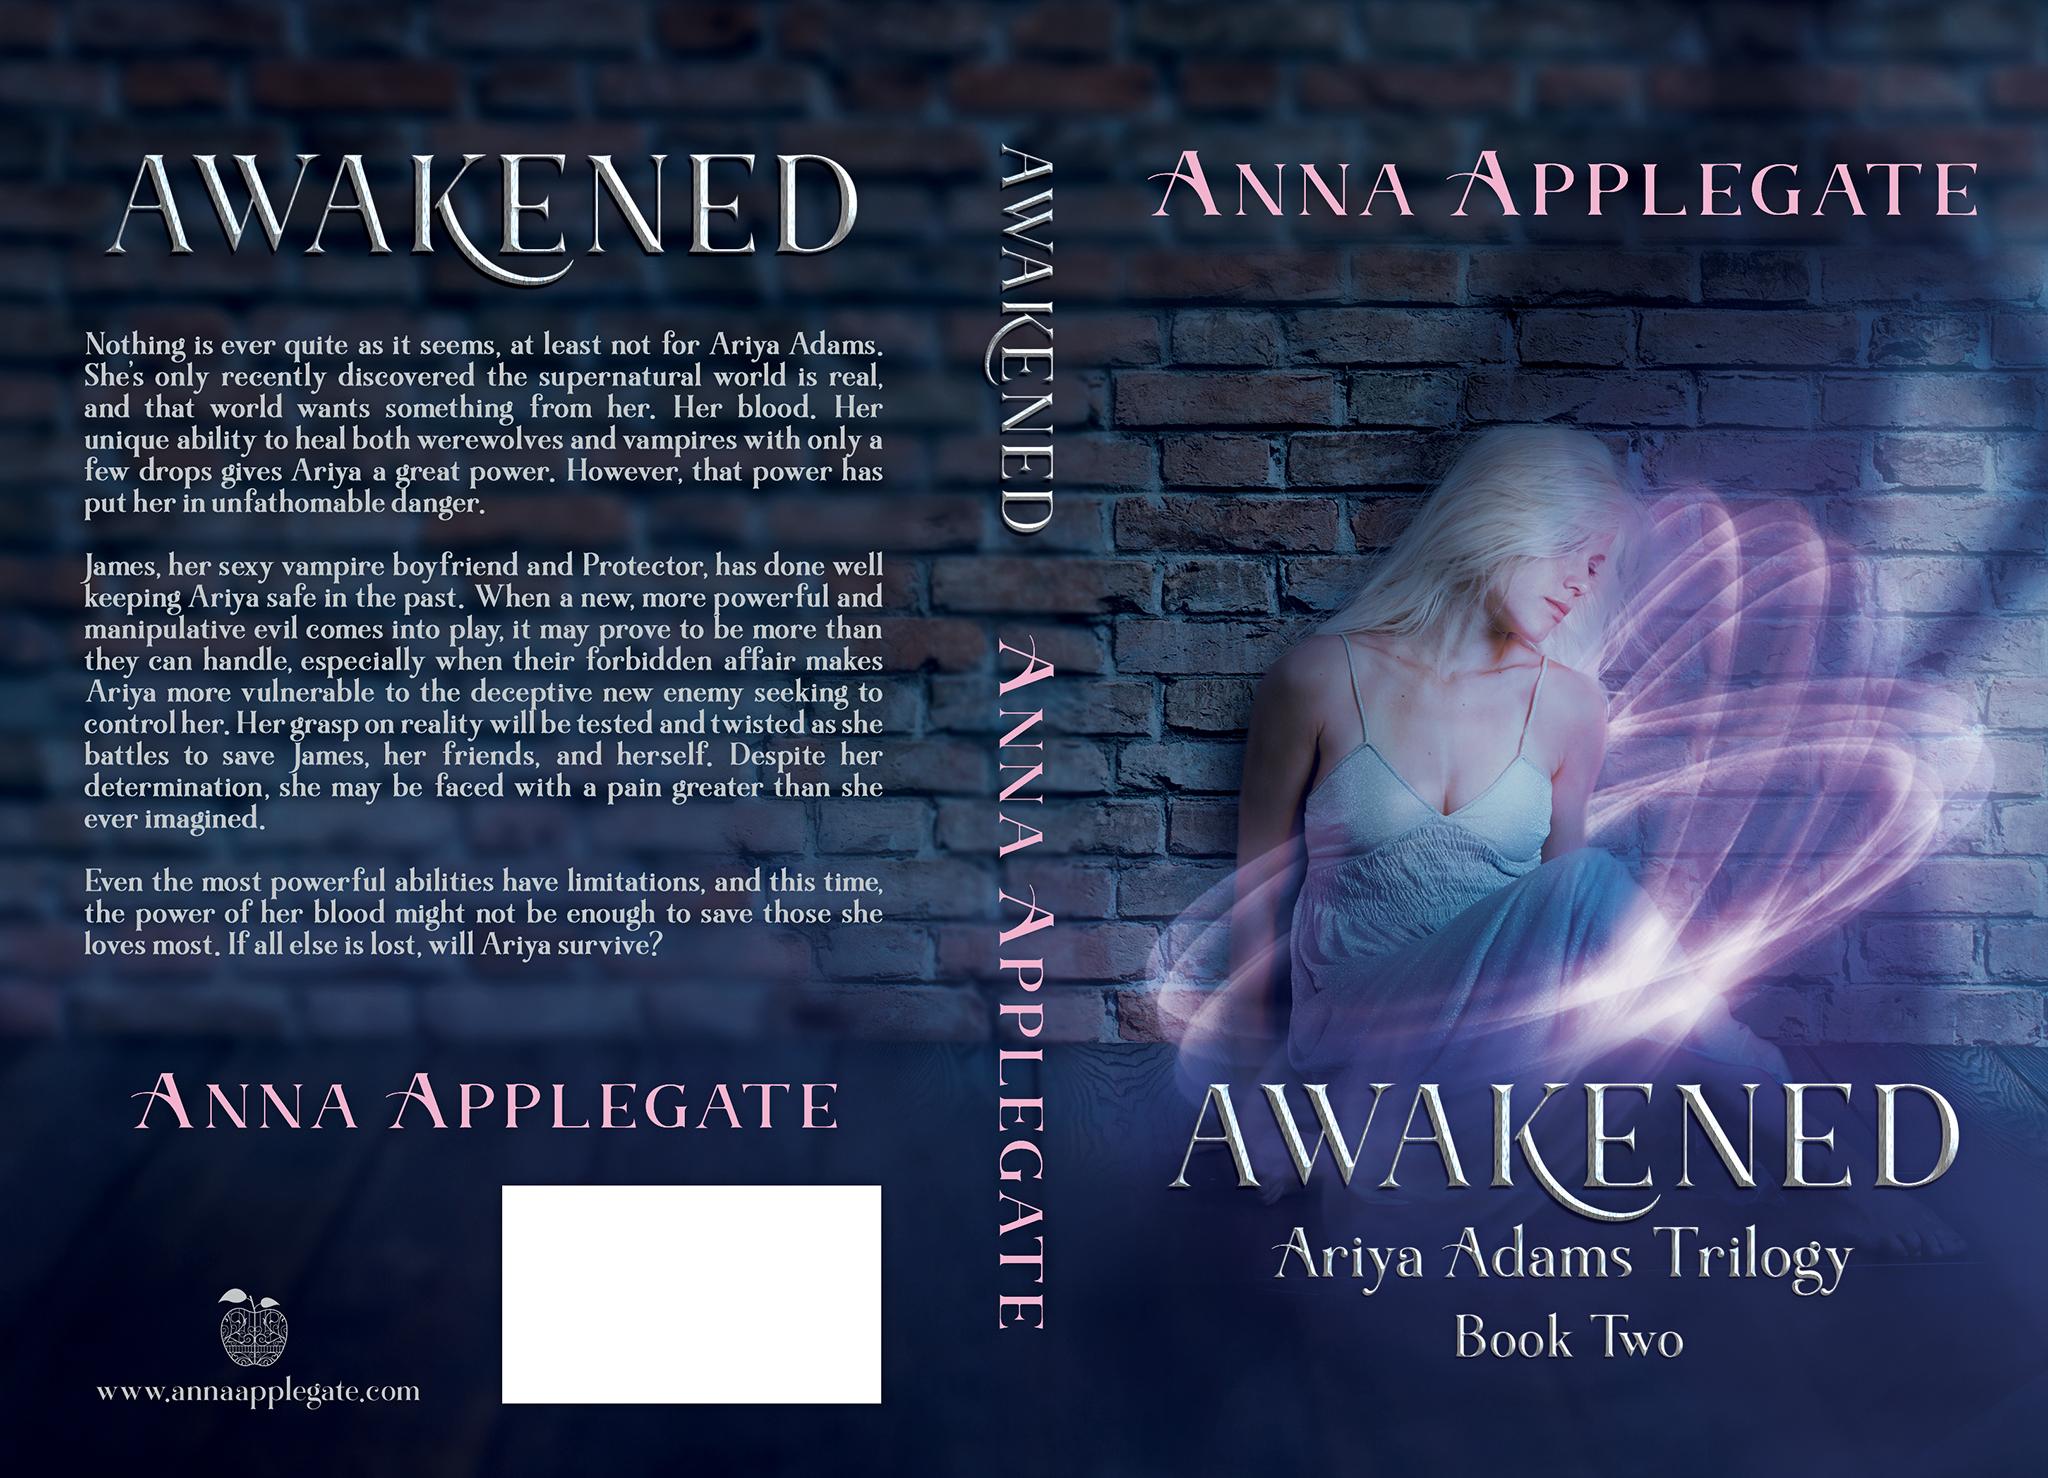 Final-Awakened-for-web-sharpened